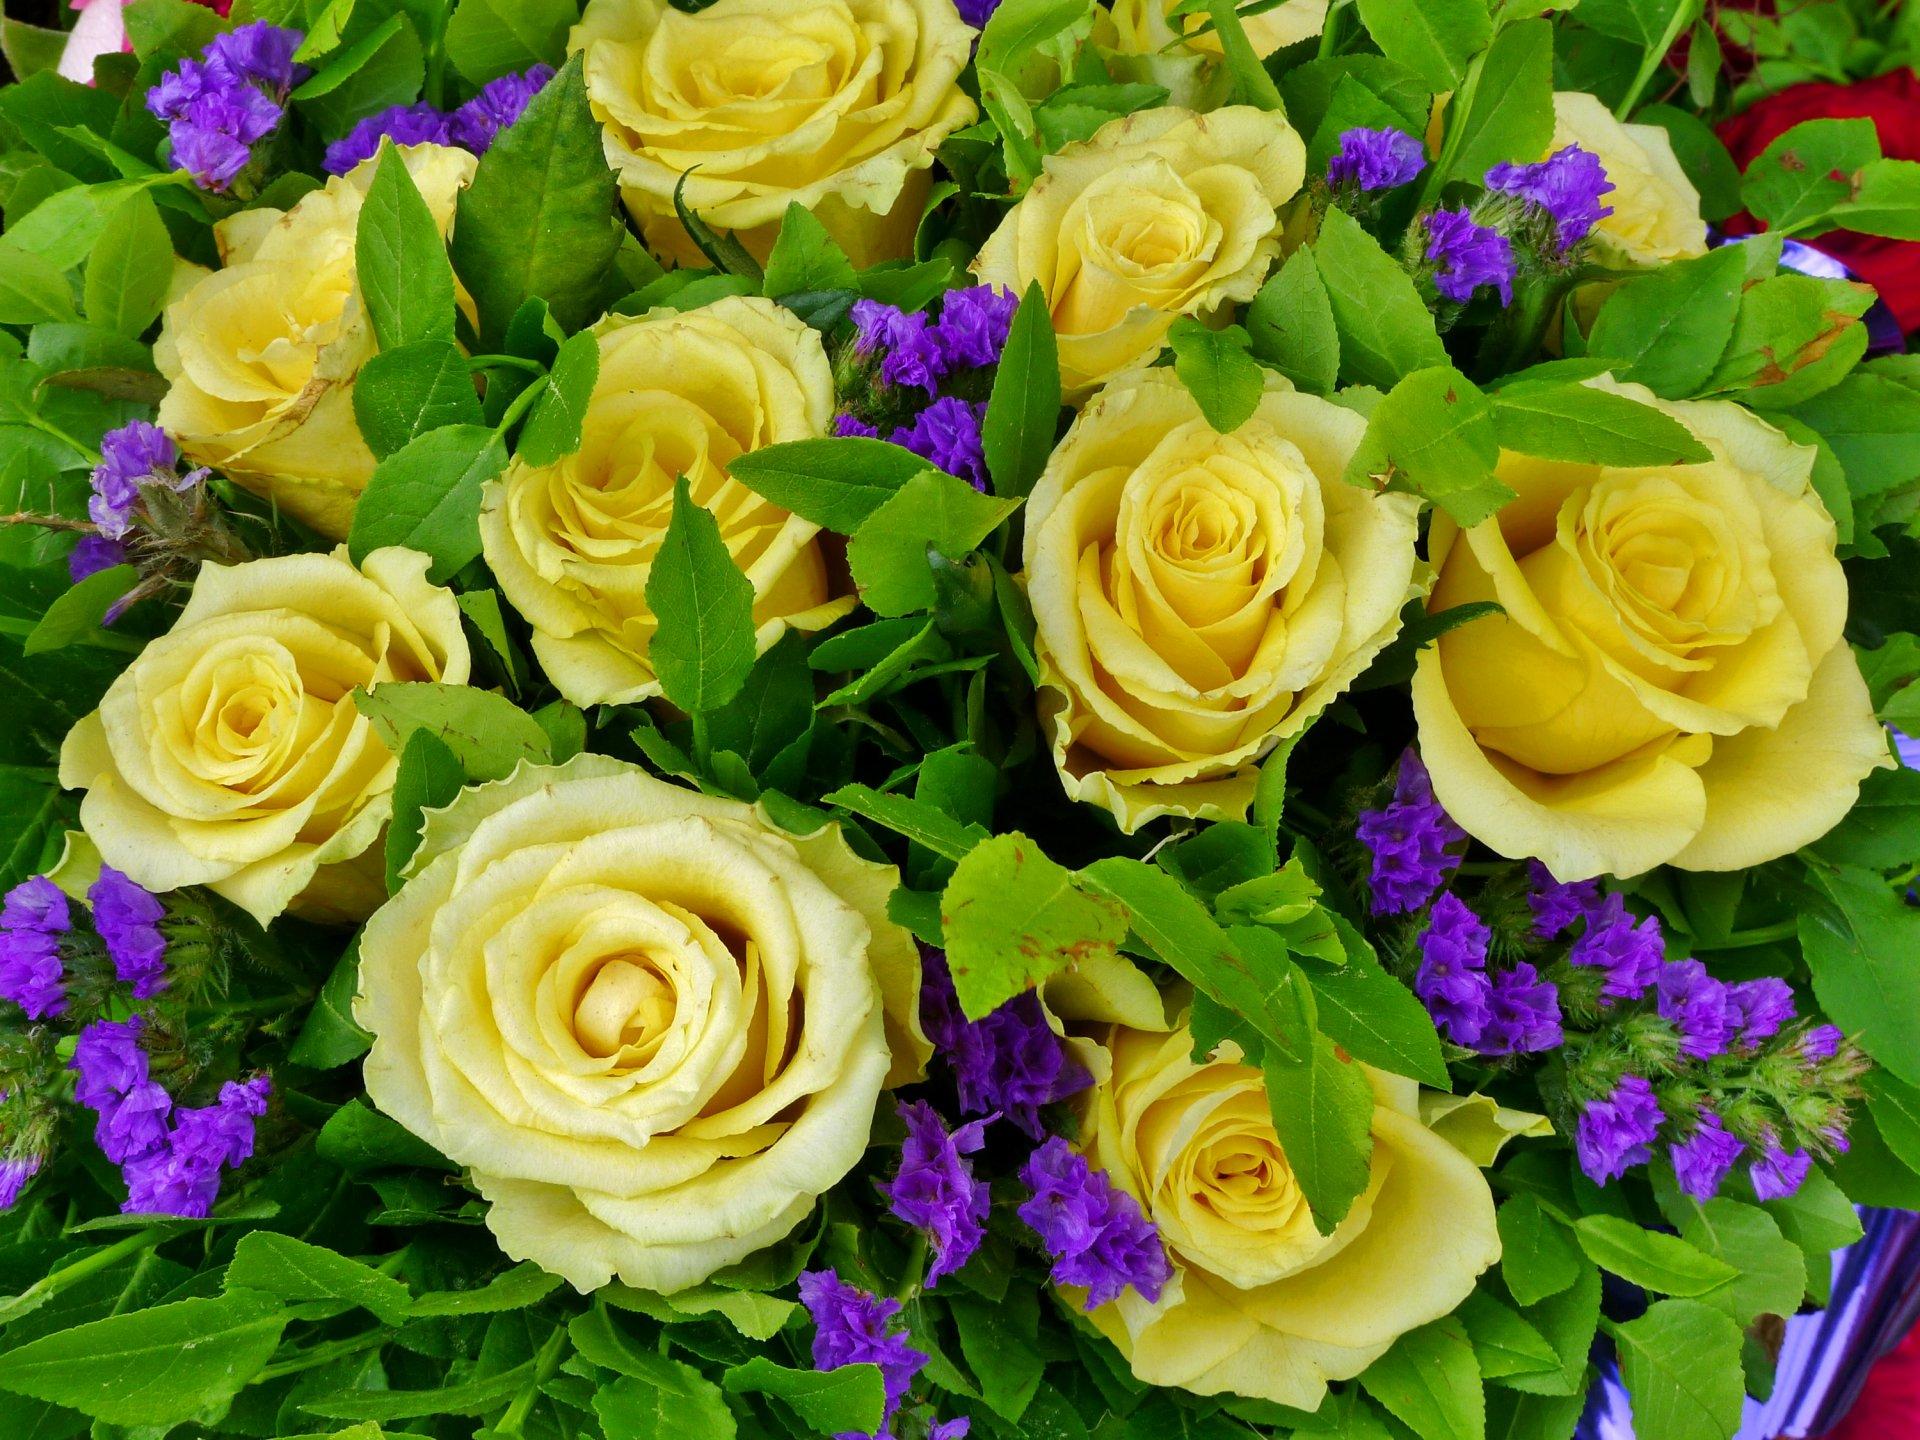 Картинки с цветами с розами красивые